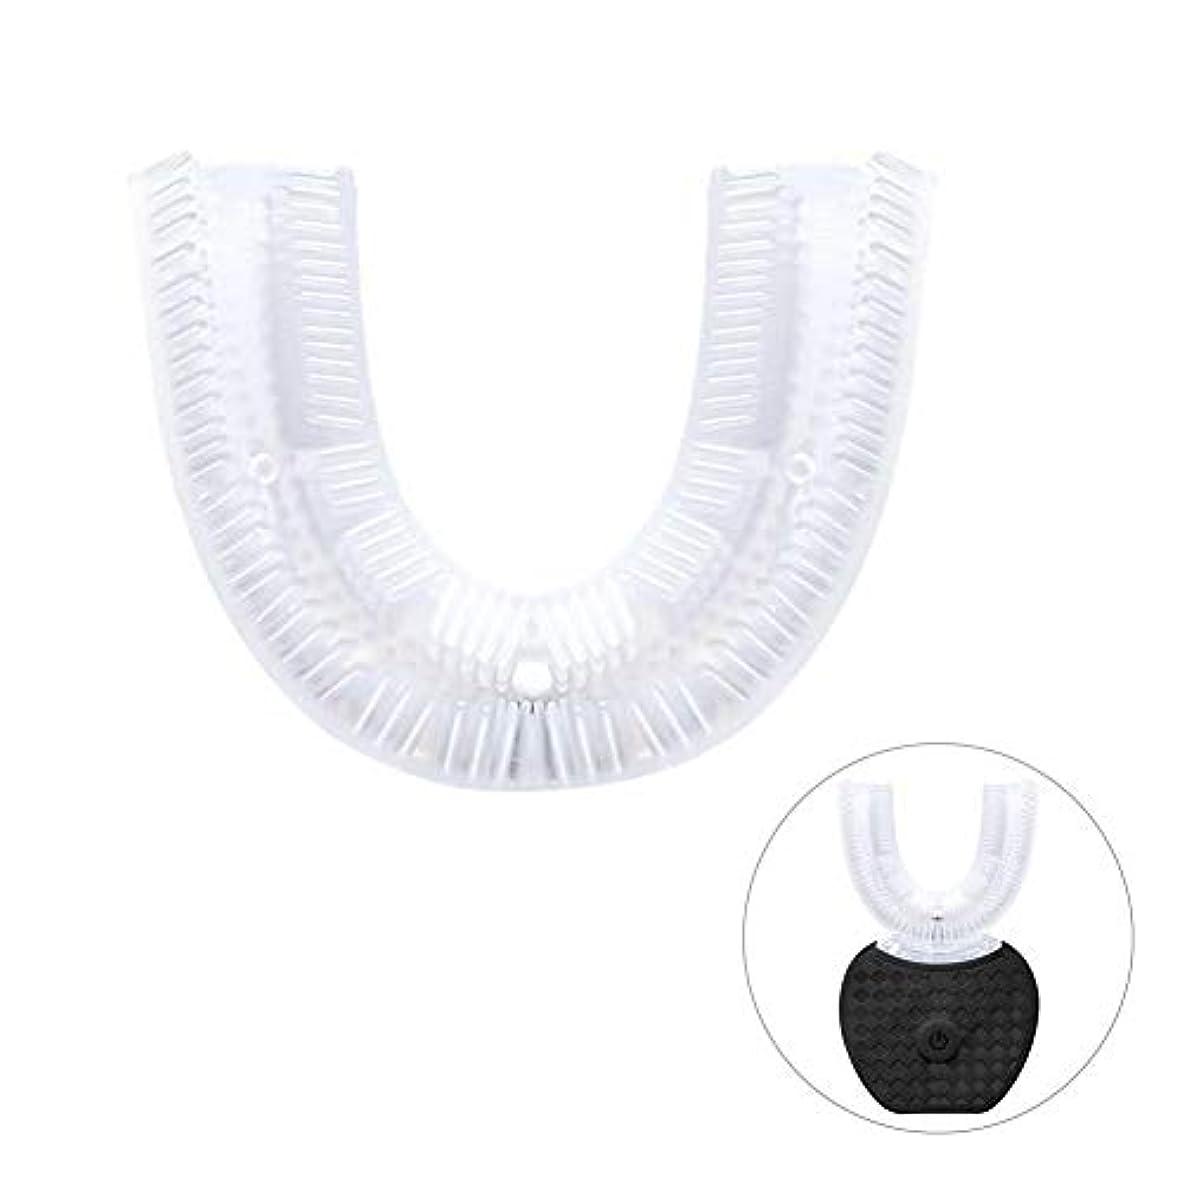 拒絶見る人共産主義Uシリコン歯ブラシヘッド 歯ブラシのヘッドのアップグレード版 クリエイティブ自動歯ブラシのヘッド 取り替えの歯ブラシの頭部 旅行 家の使用 U字型360度のシリコーンの防水電動歯ブラシのクリーニングブラシの付属品